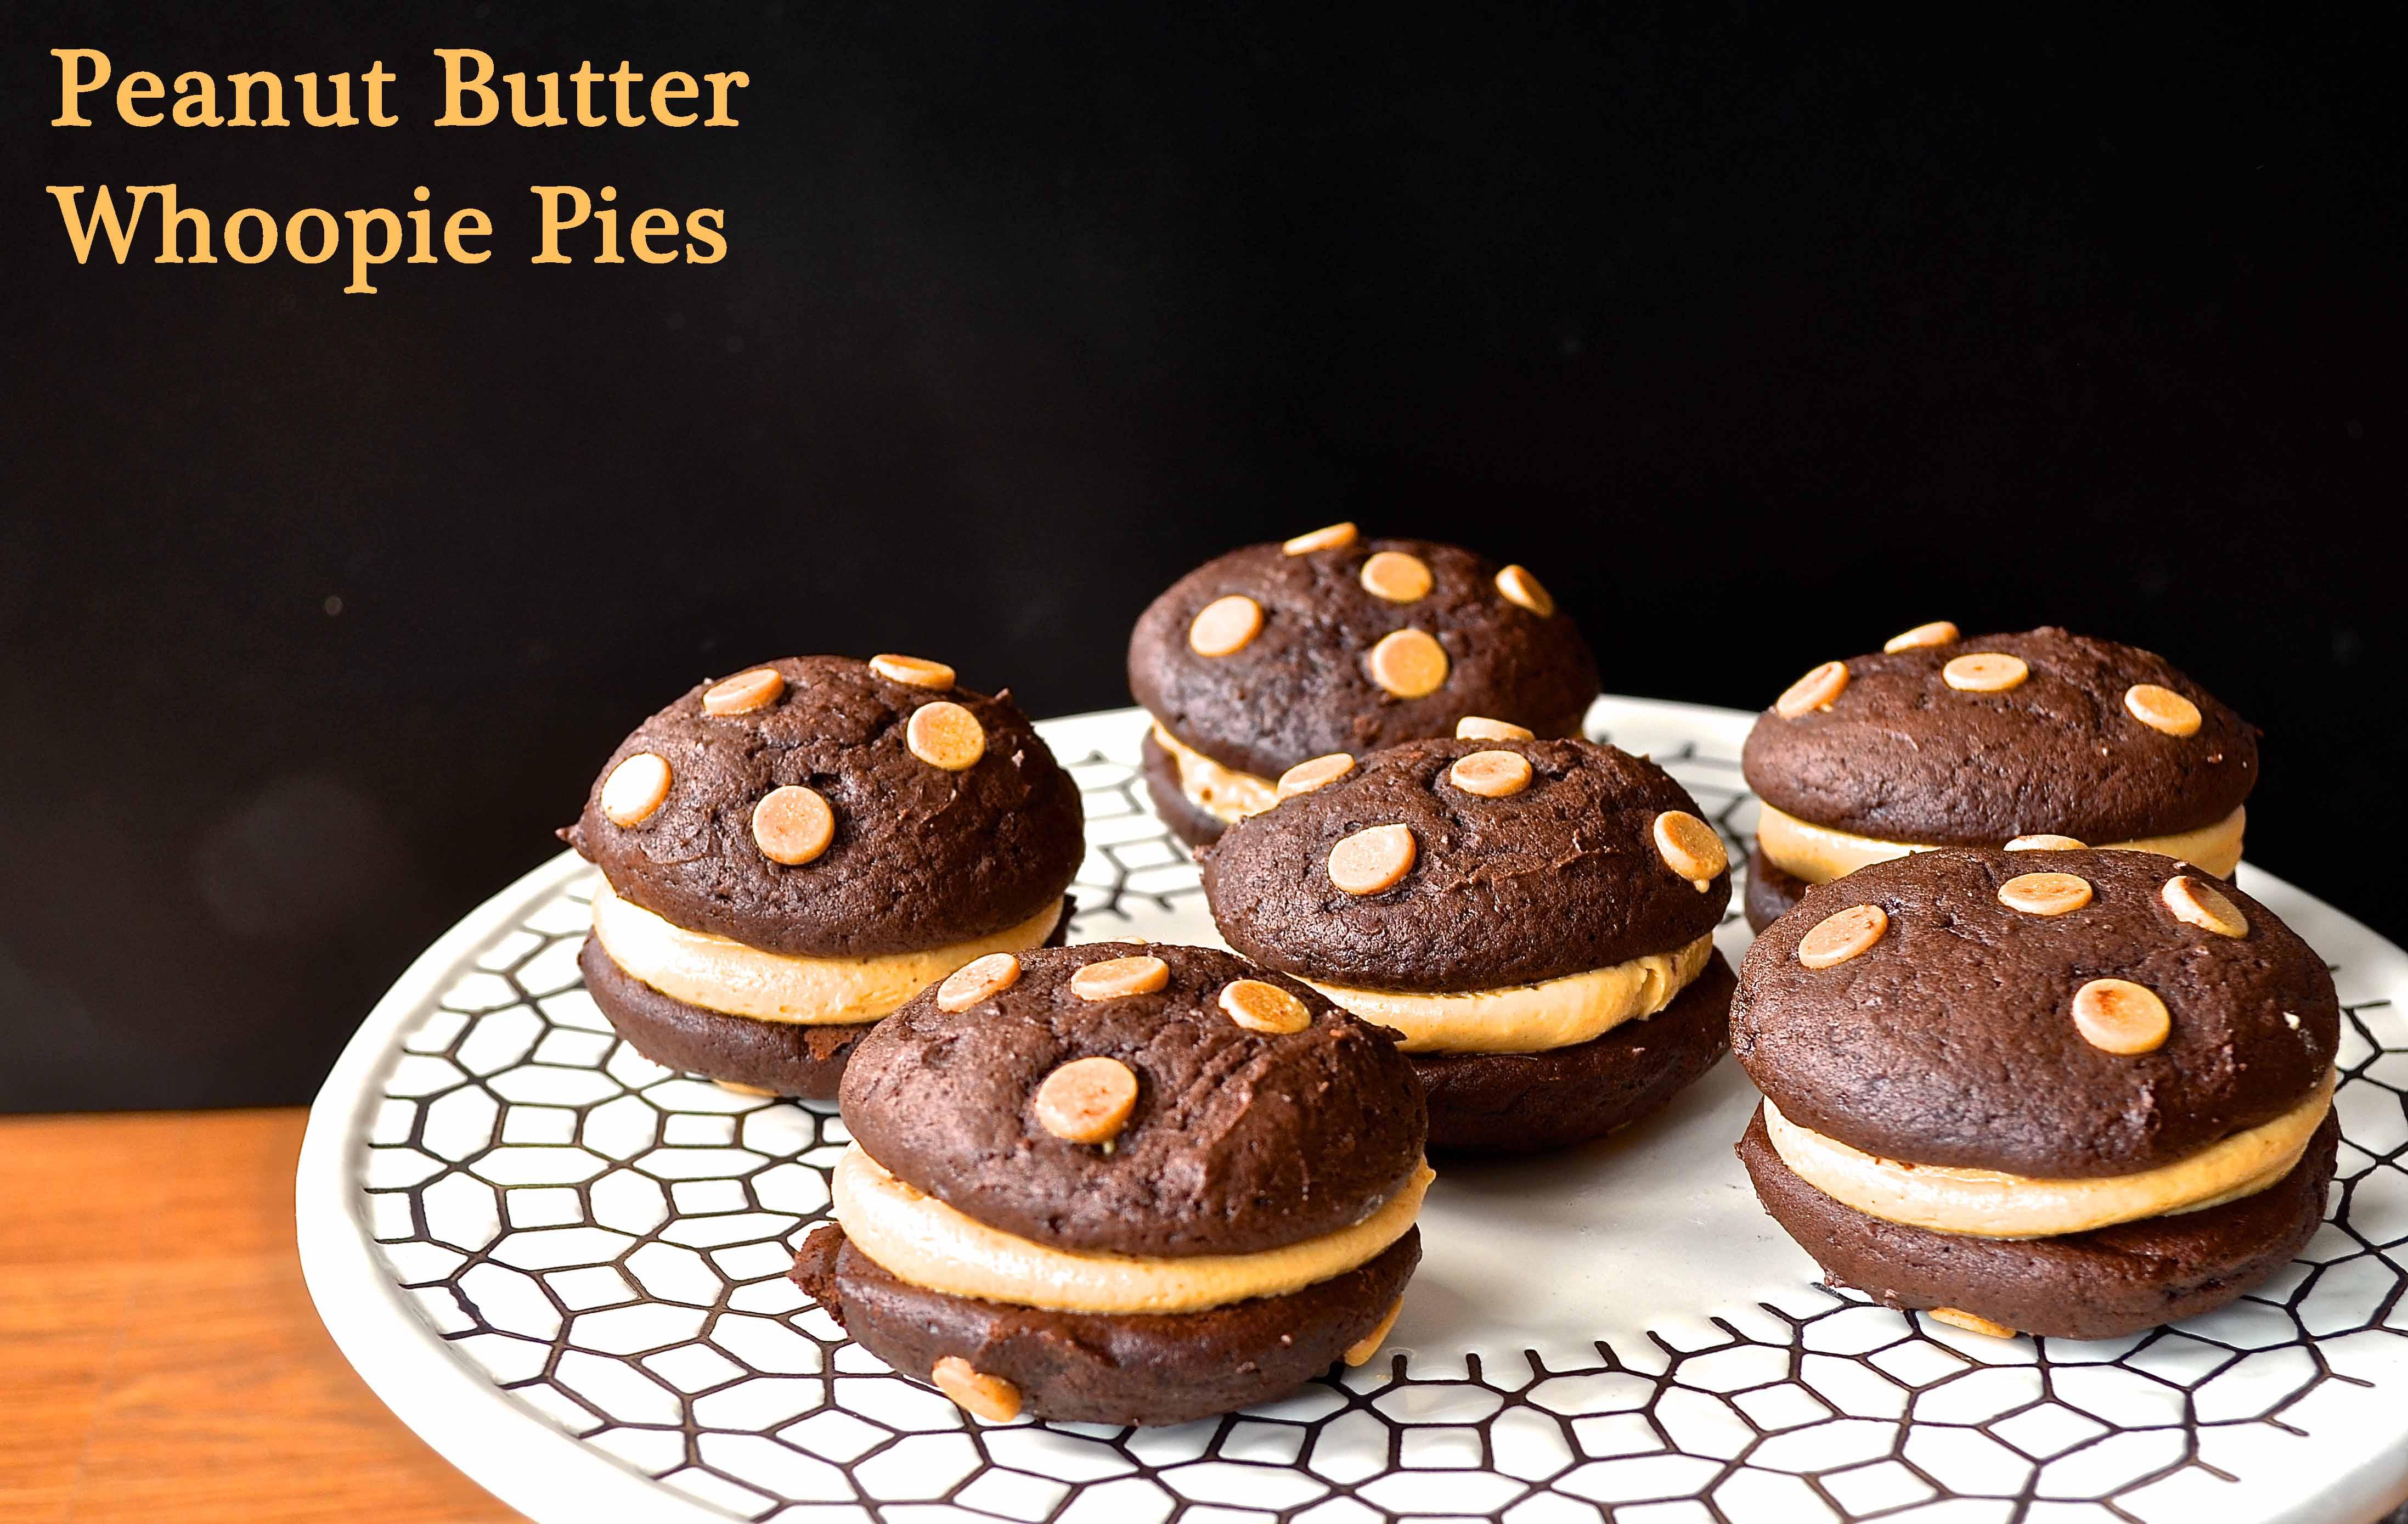 peanut butter banana whoopie pies whoopie pies oatmeal whoopie pies ...